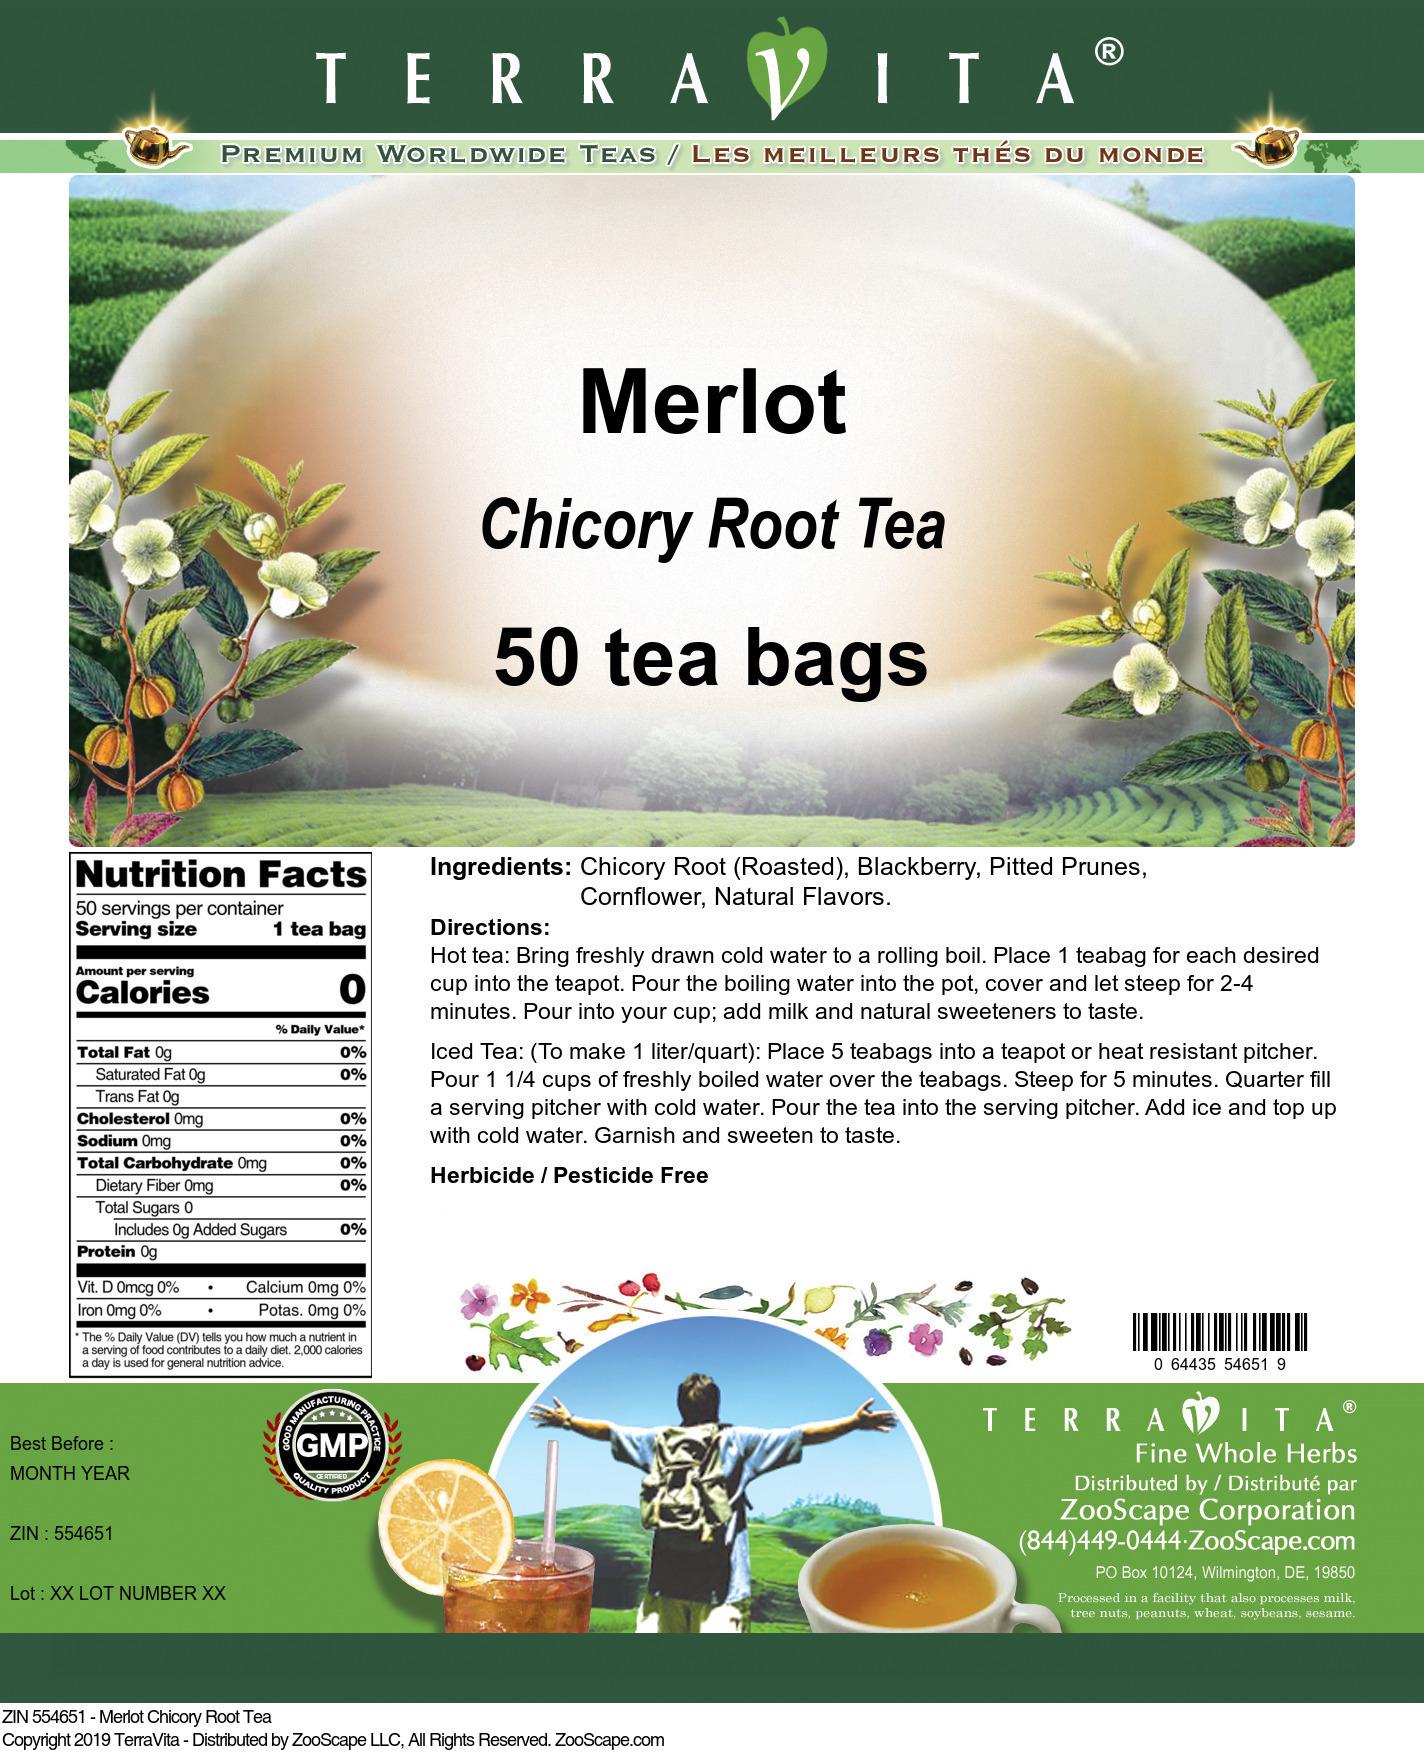 Merlot Chicory Root